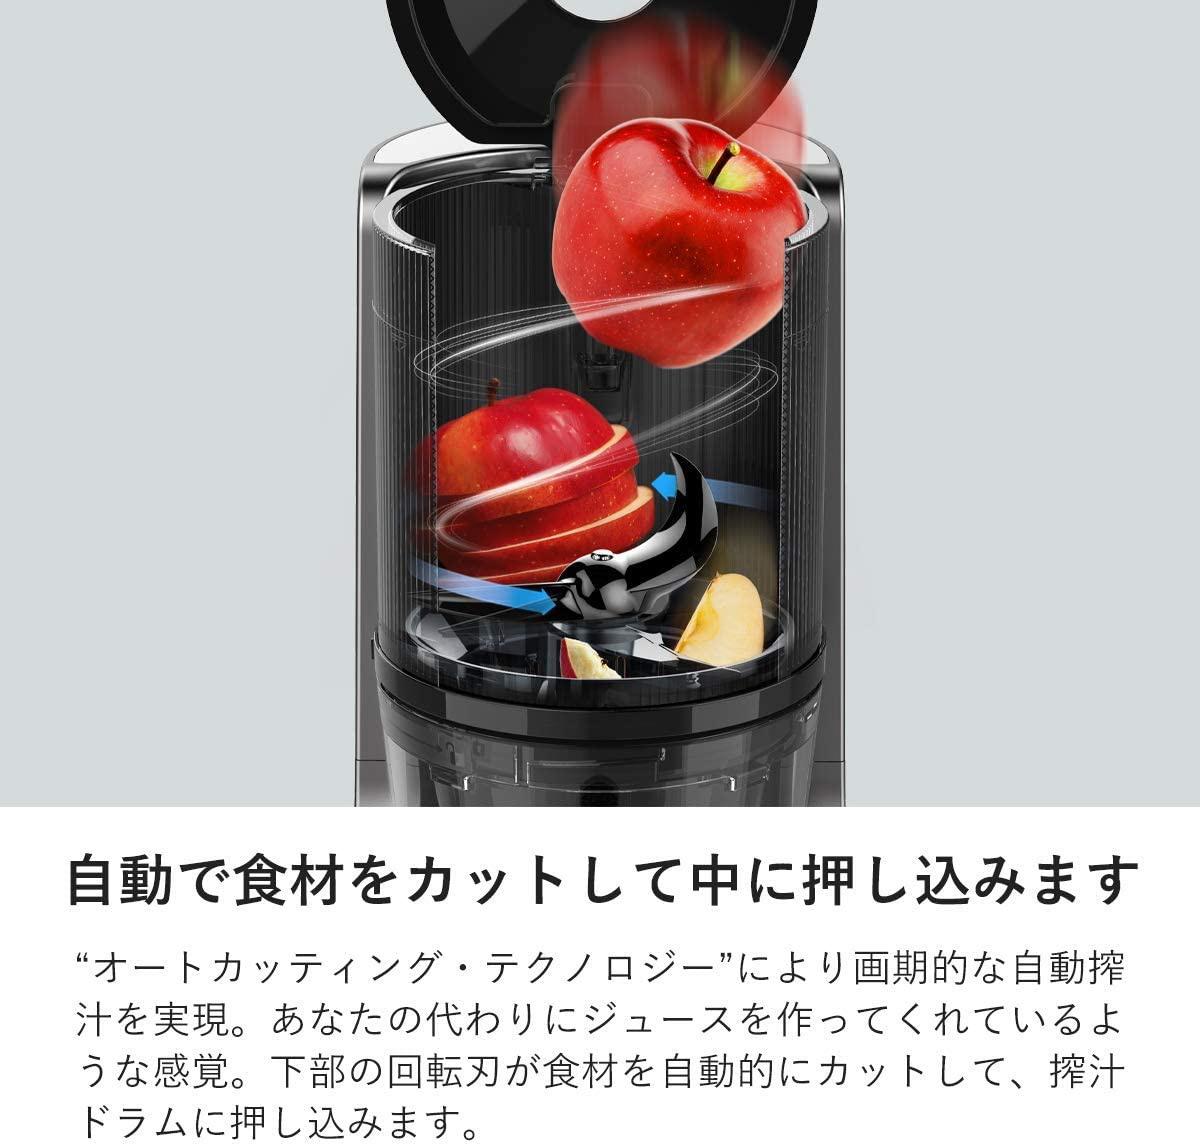 HUROM(ヒューロム) スロージューサー H-200の商品画像5